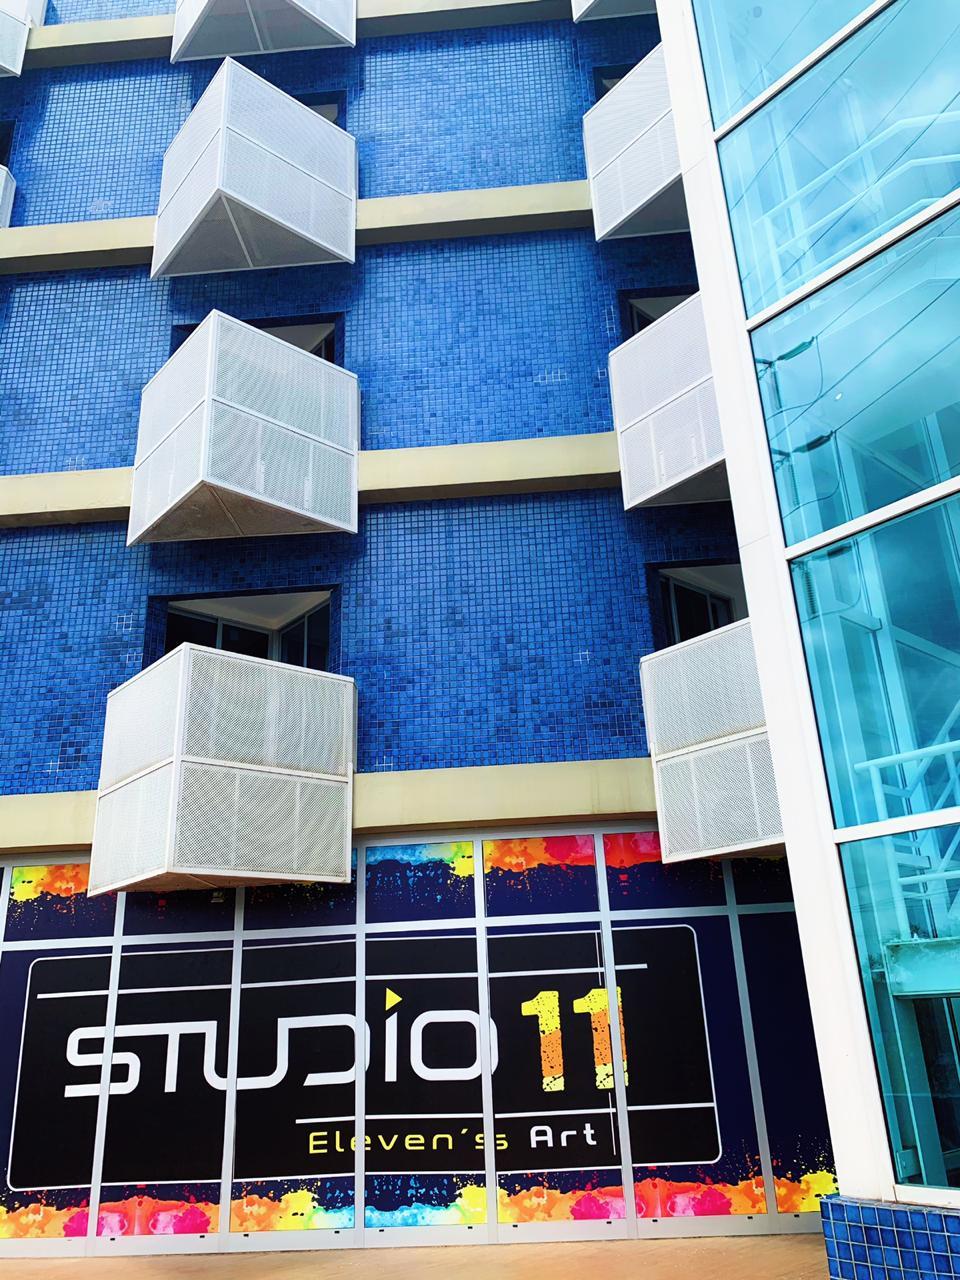 Inauguração do Eleven`s Art Studio em contagem descrescente